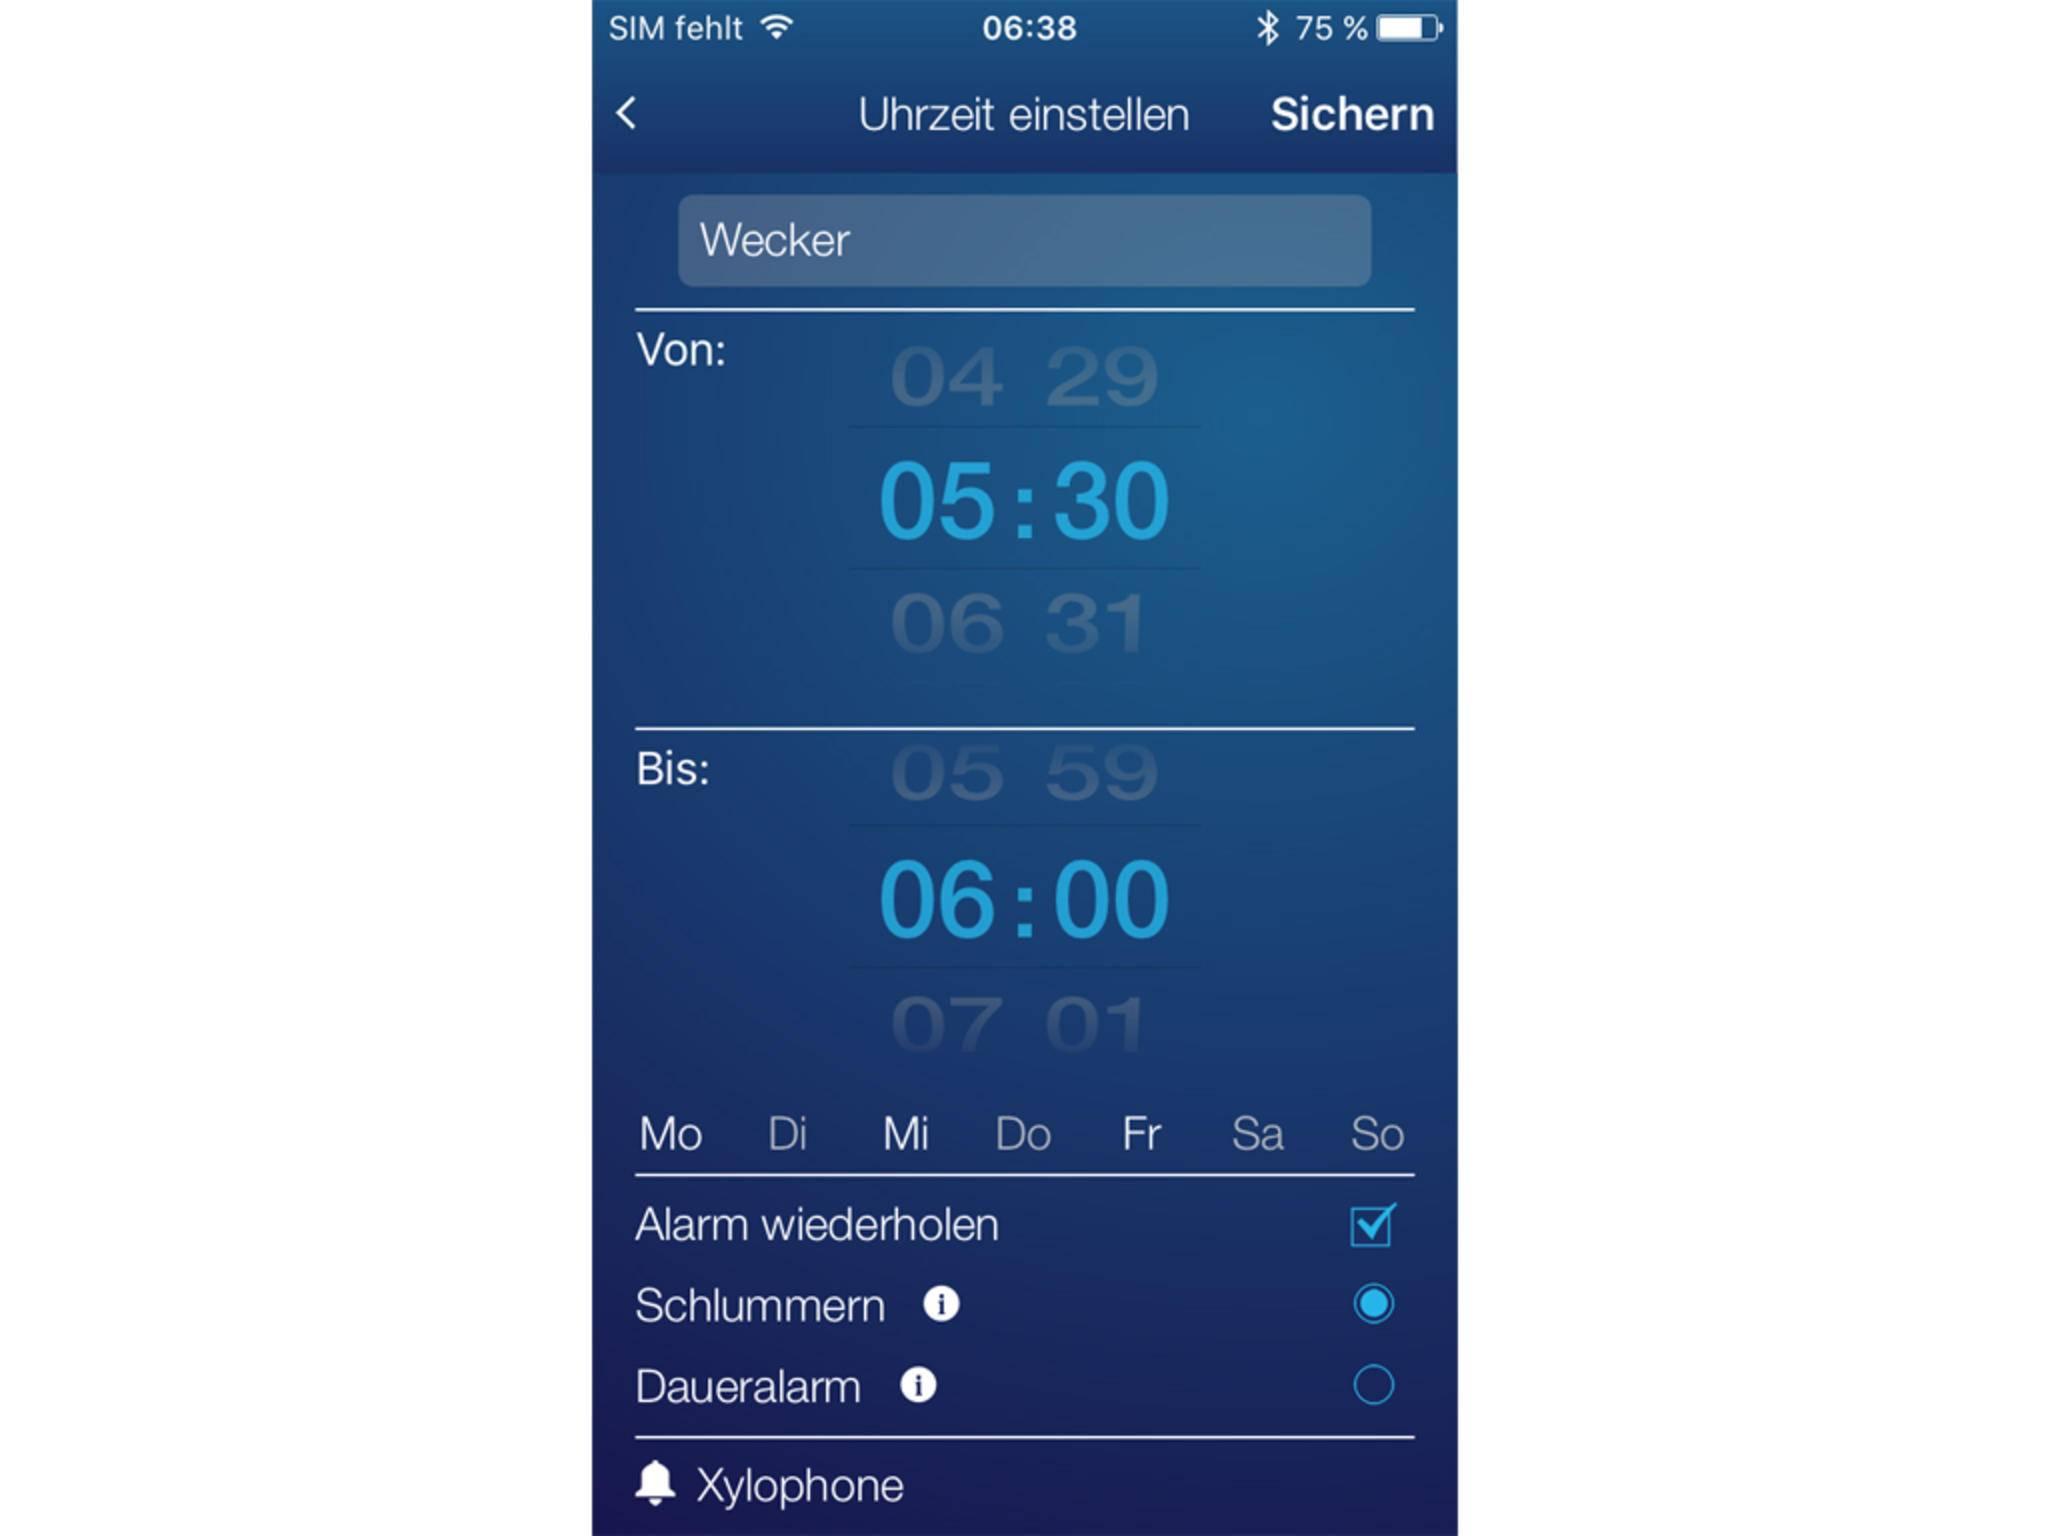 Wer möchte, lässt sich am Morgen in einer Leichtschlafphase wecken.